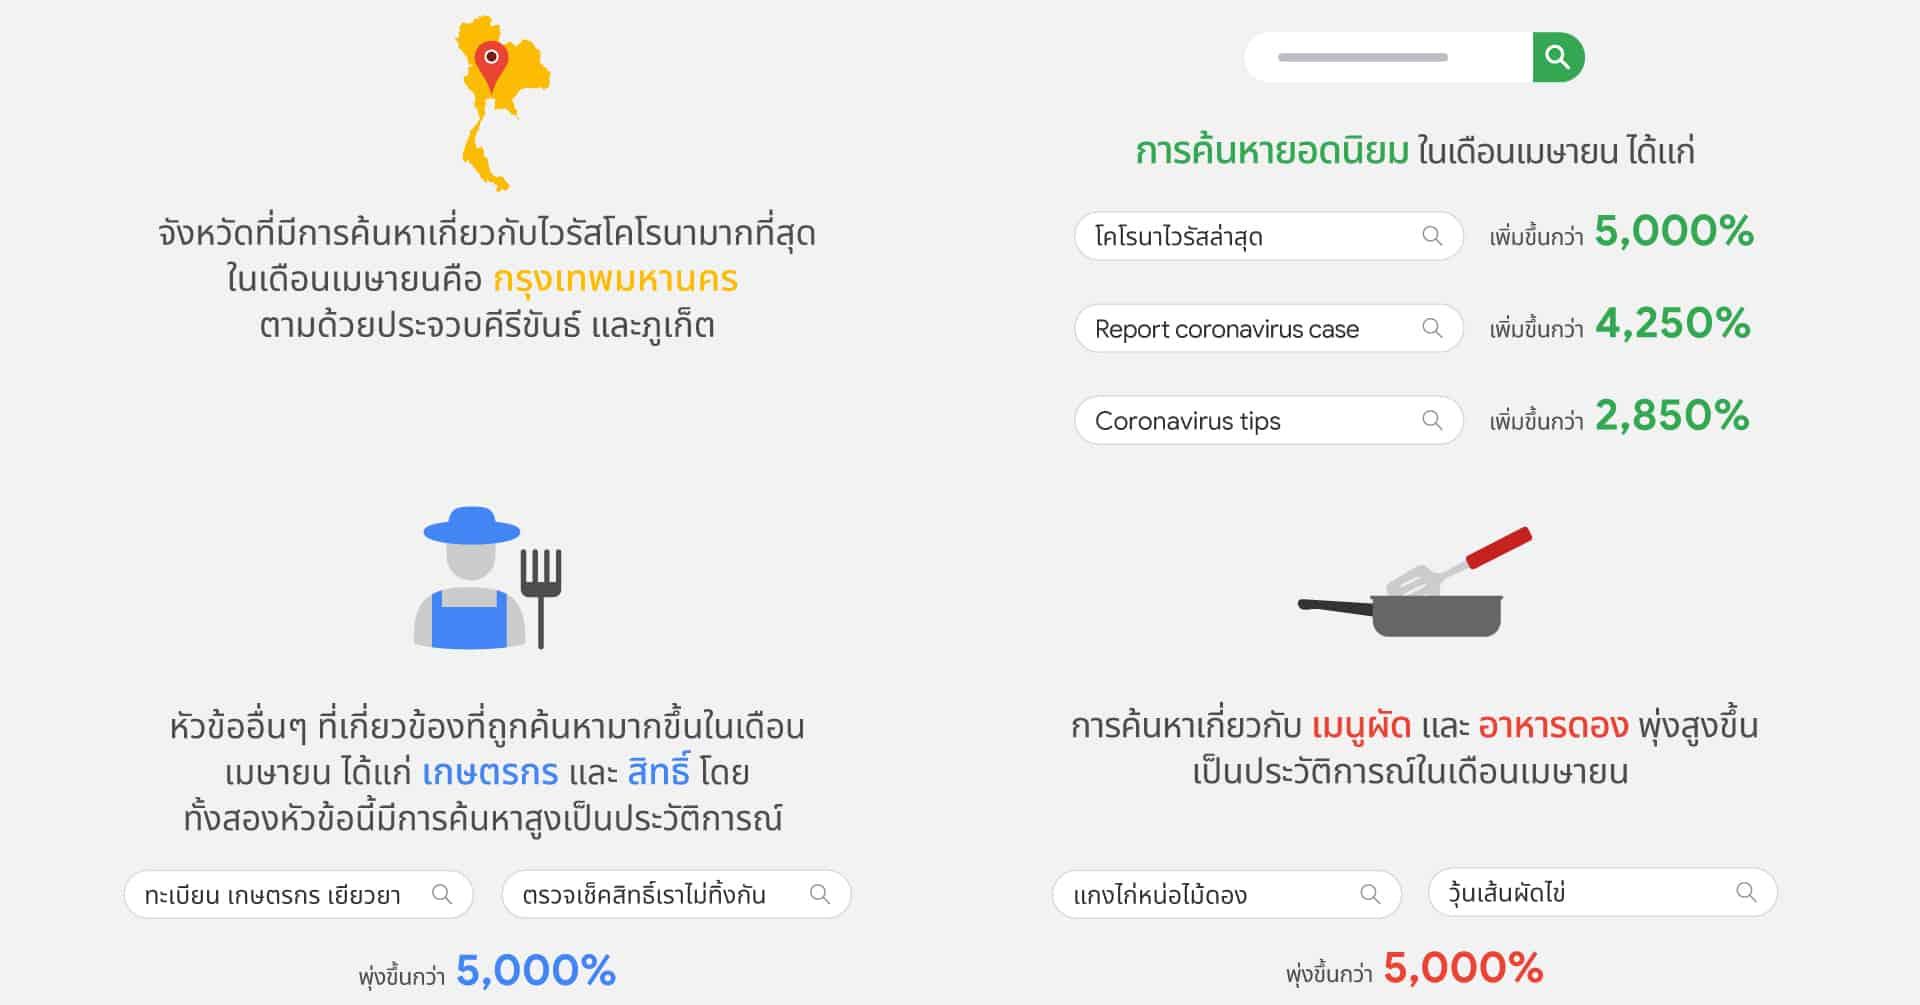 Google Trends เผยคนไทยค้นหาอะไรเกี่ยวกับ COVID-19 ในเดือนเมษายน 2563